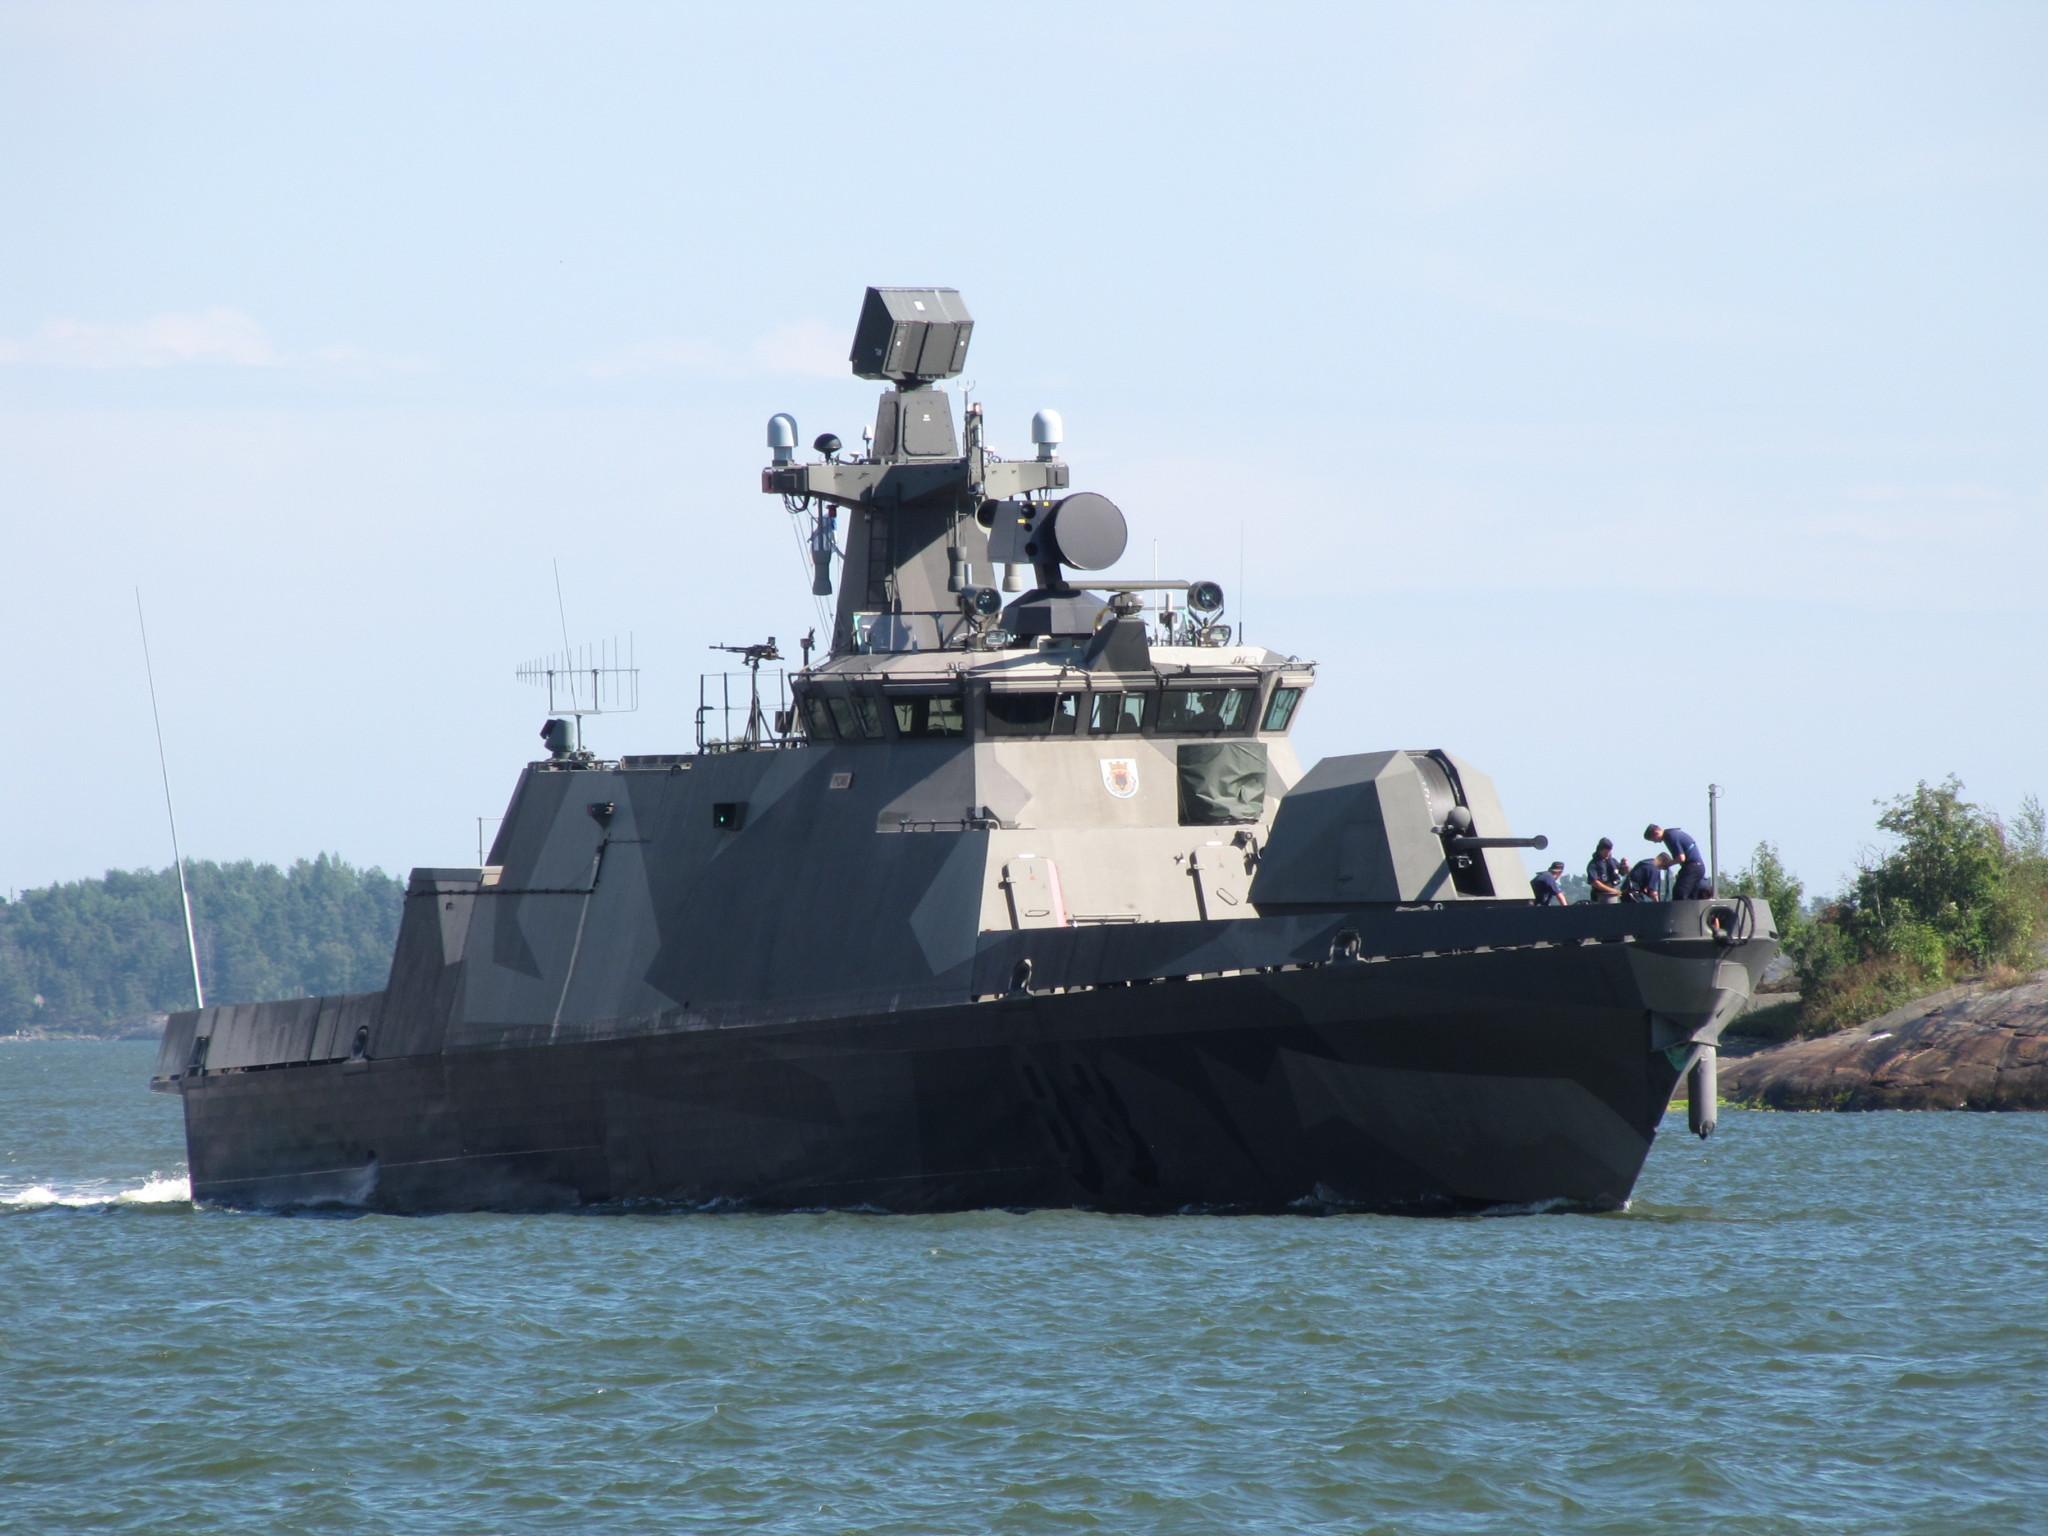 Finland kjøper israelske missiler til marinen